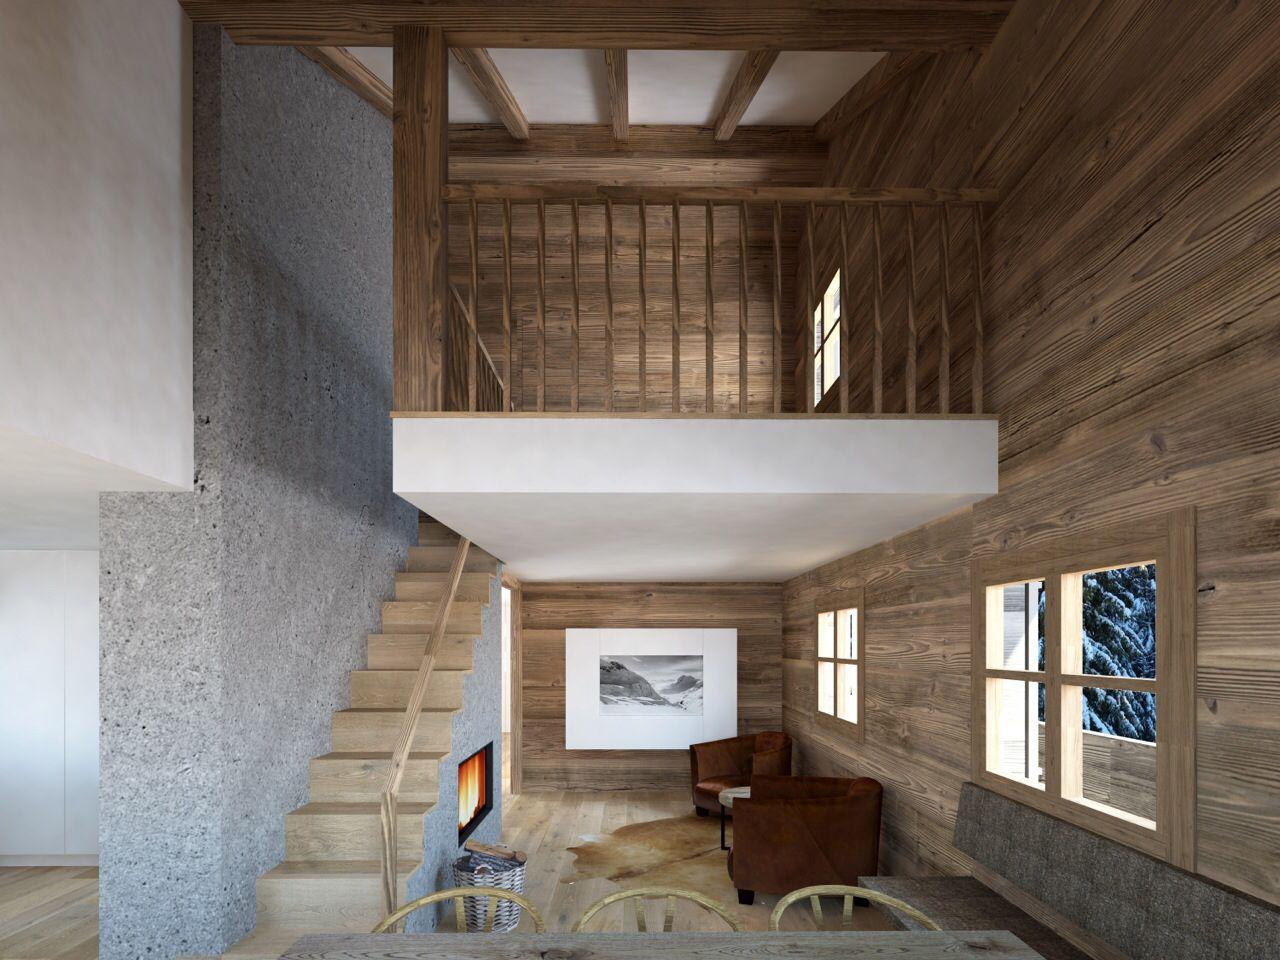 projekt umbau chalet b dele chalet pinterest umbau. Black Bedroom Furniture Sets. Home Design Ideas